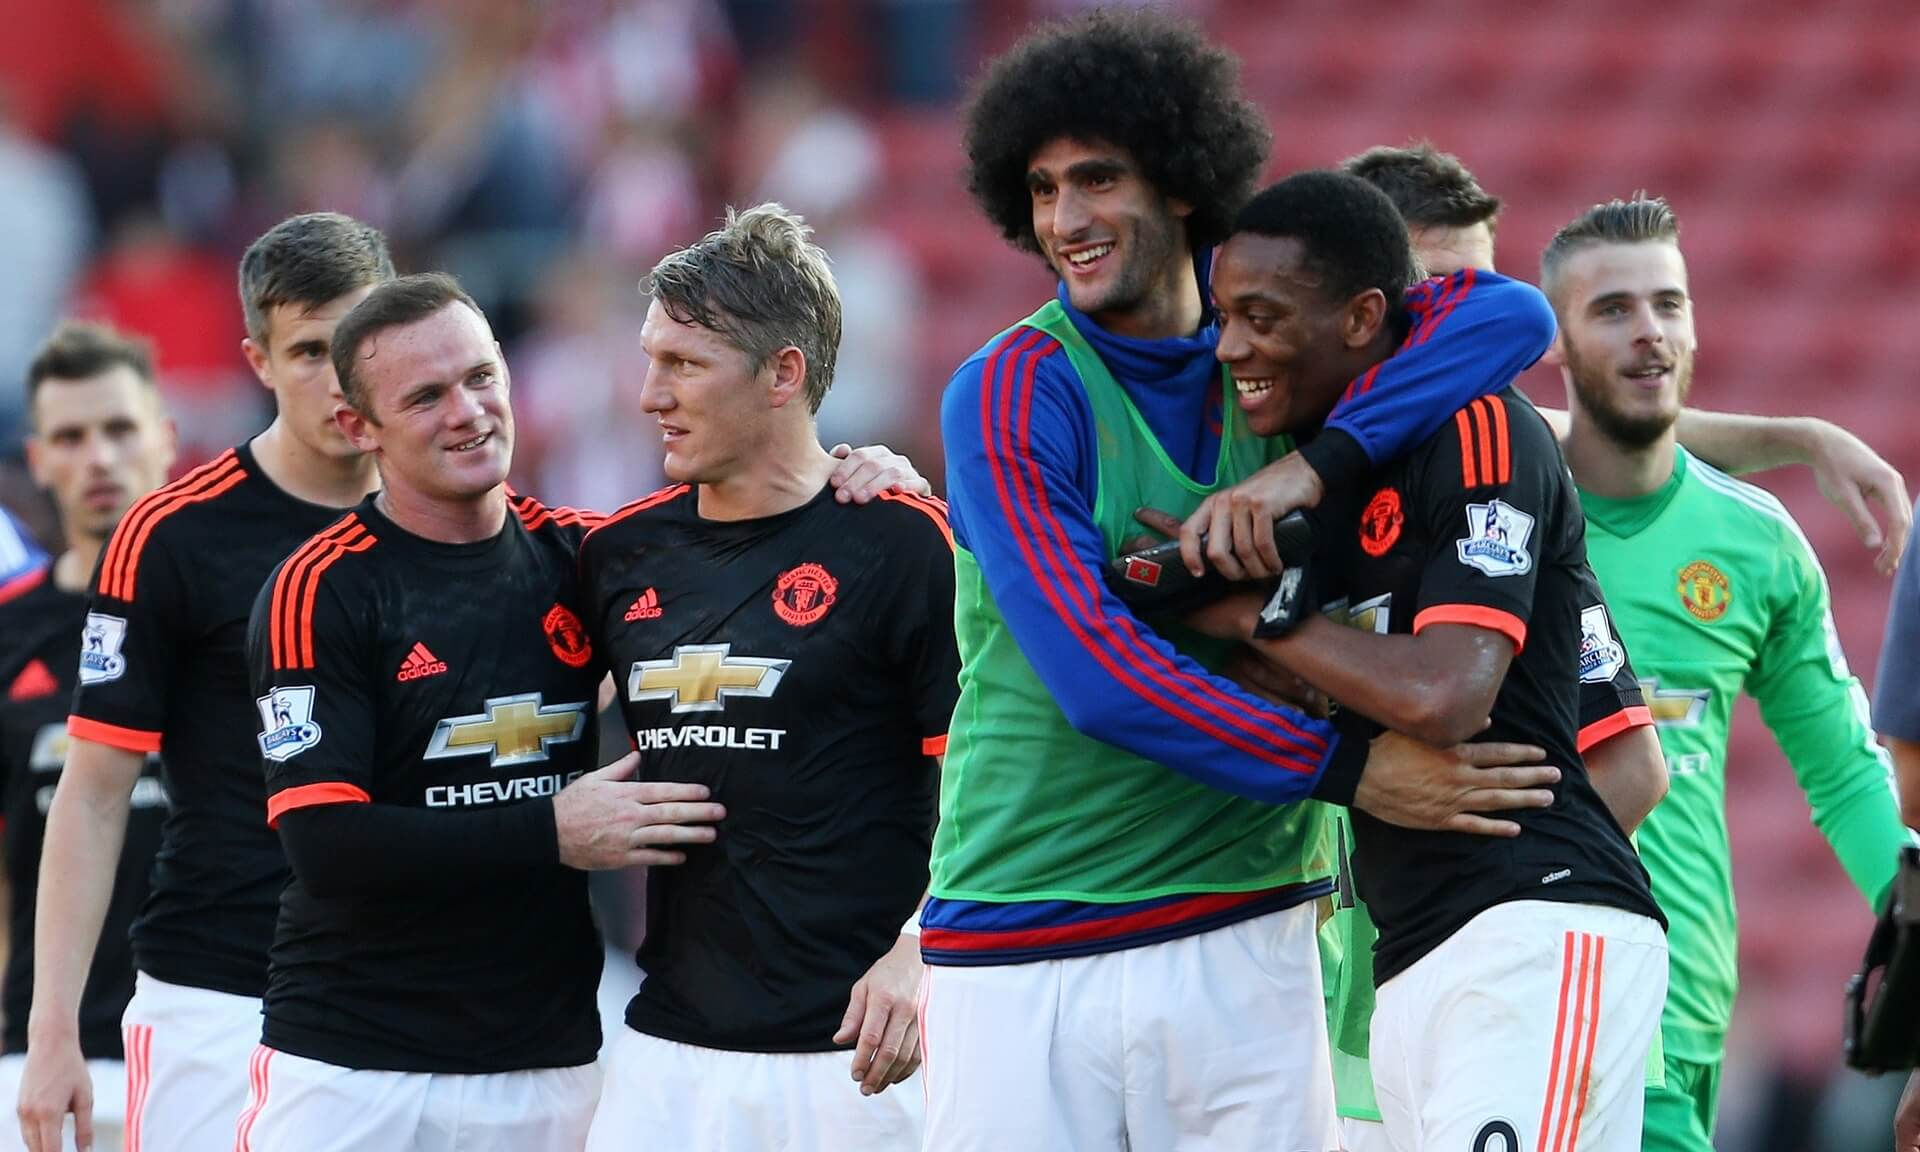 """Игроки """"Юнайтед"""" поздравляют друг друга после победы 3:2 над """"Саутгемптоном"""""""